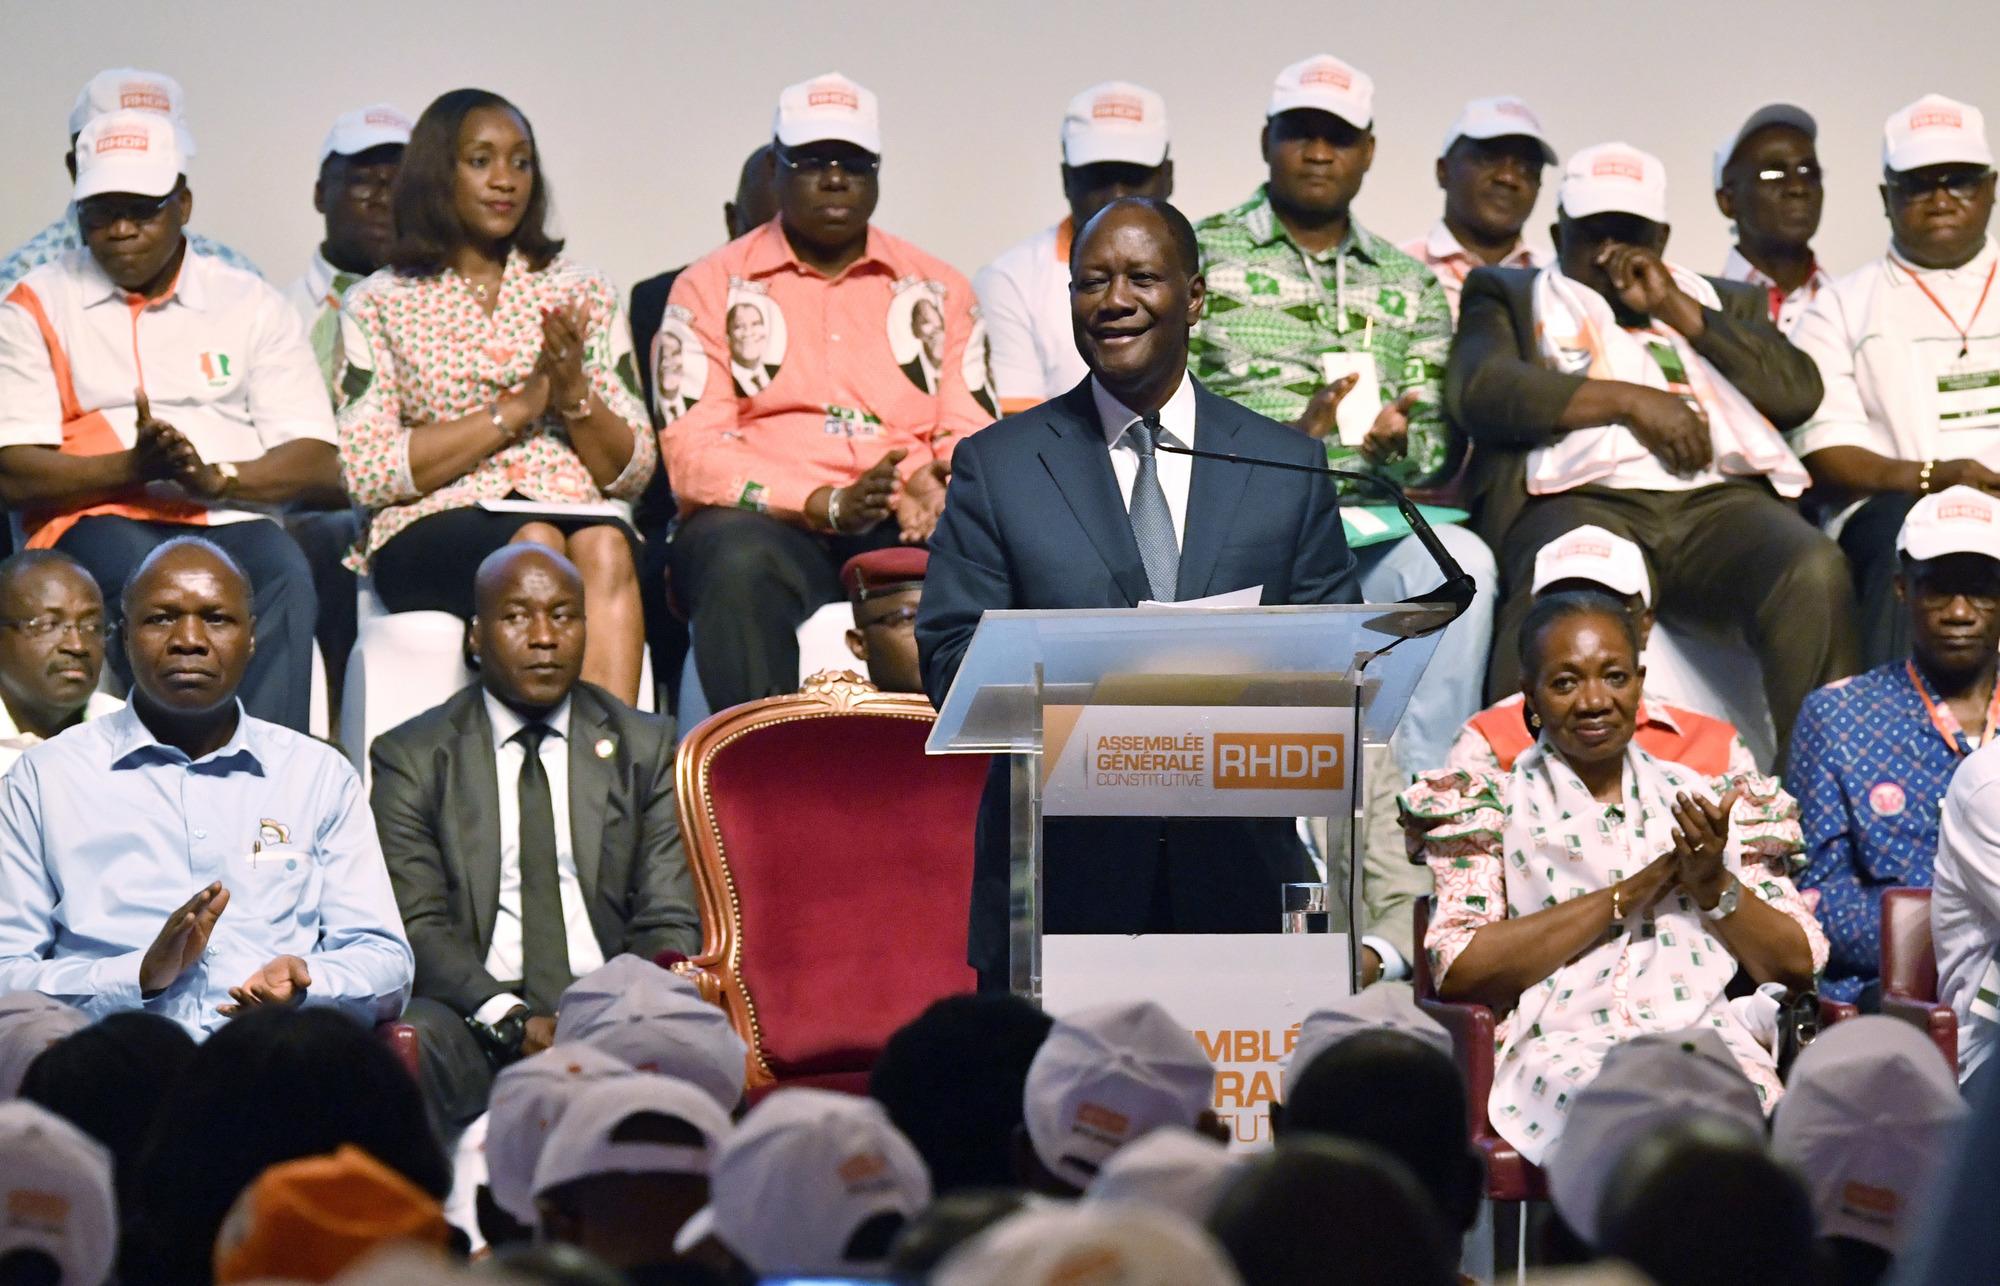 Le président ivoirien lors d'un meeting du RHDP, le 16 juillet 2018 à Abidjan.